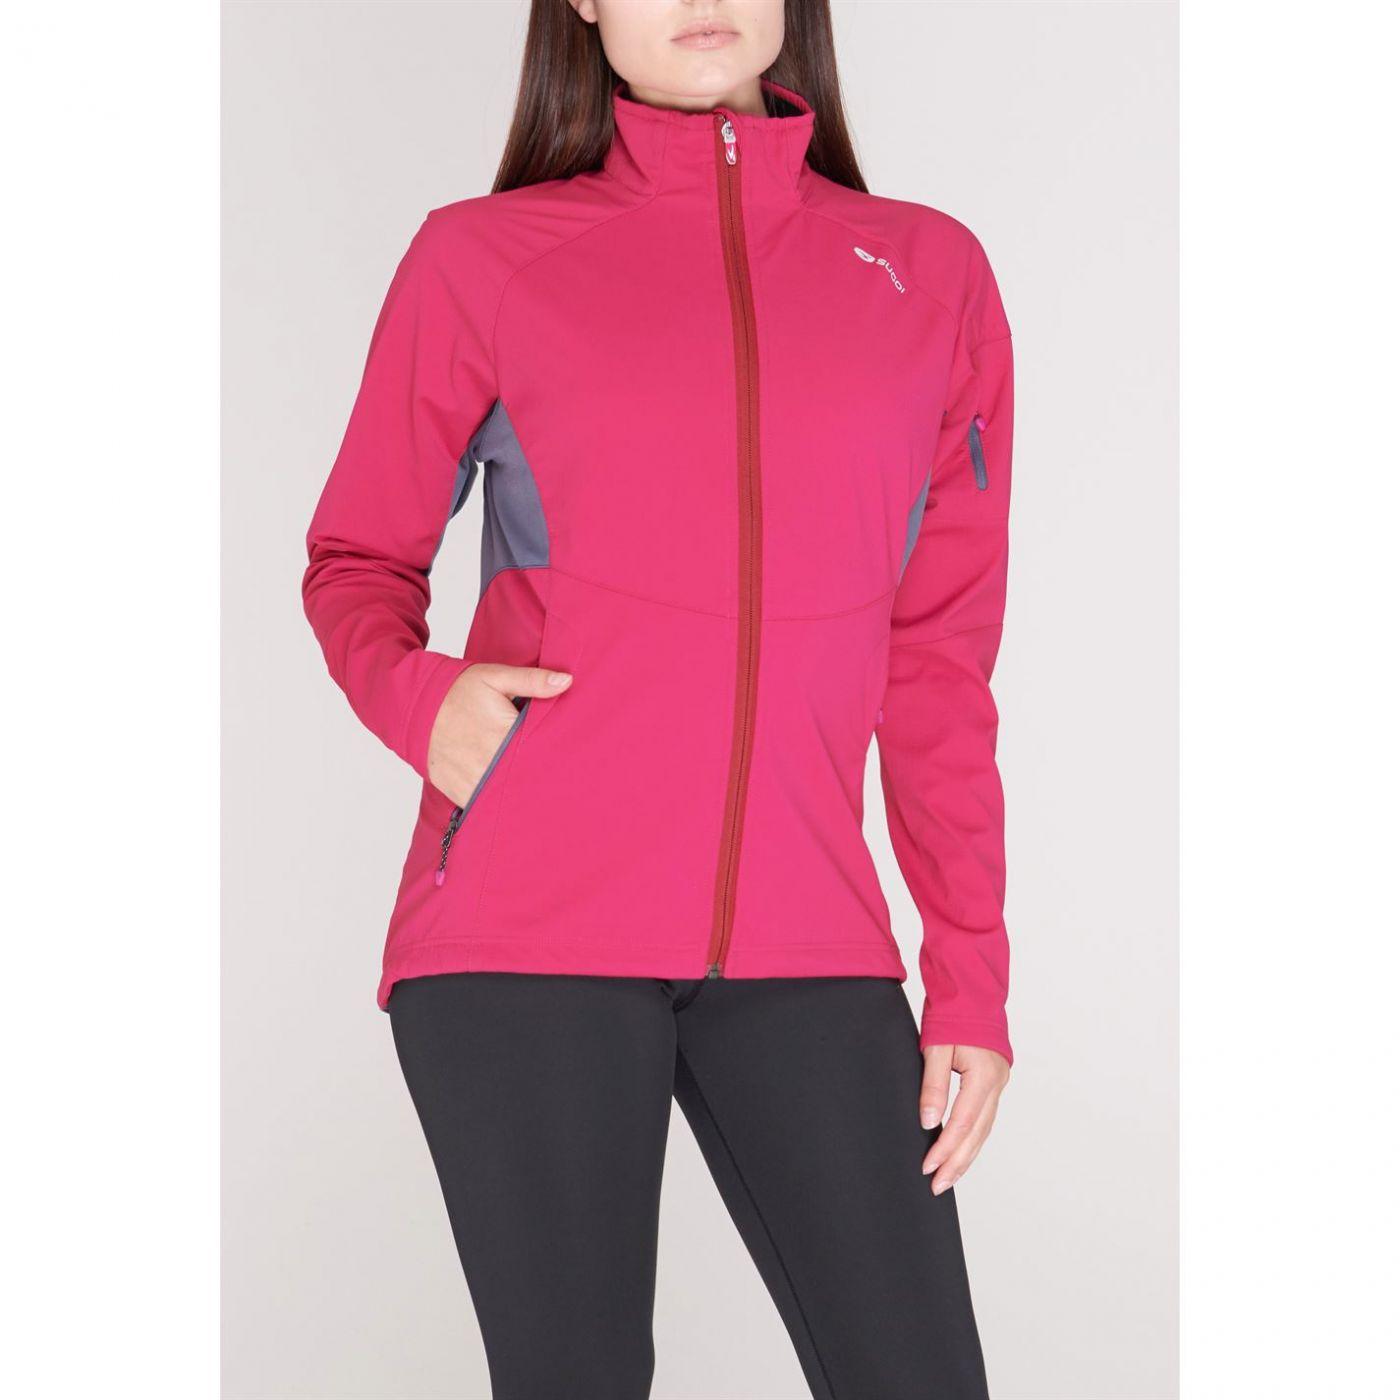 Sugoi Firewall 220 Jacket Ladies